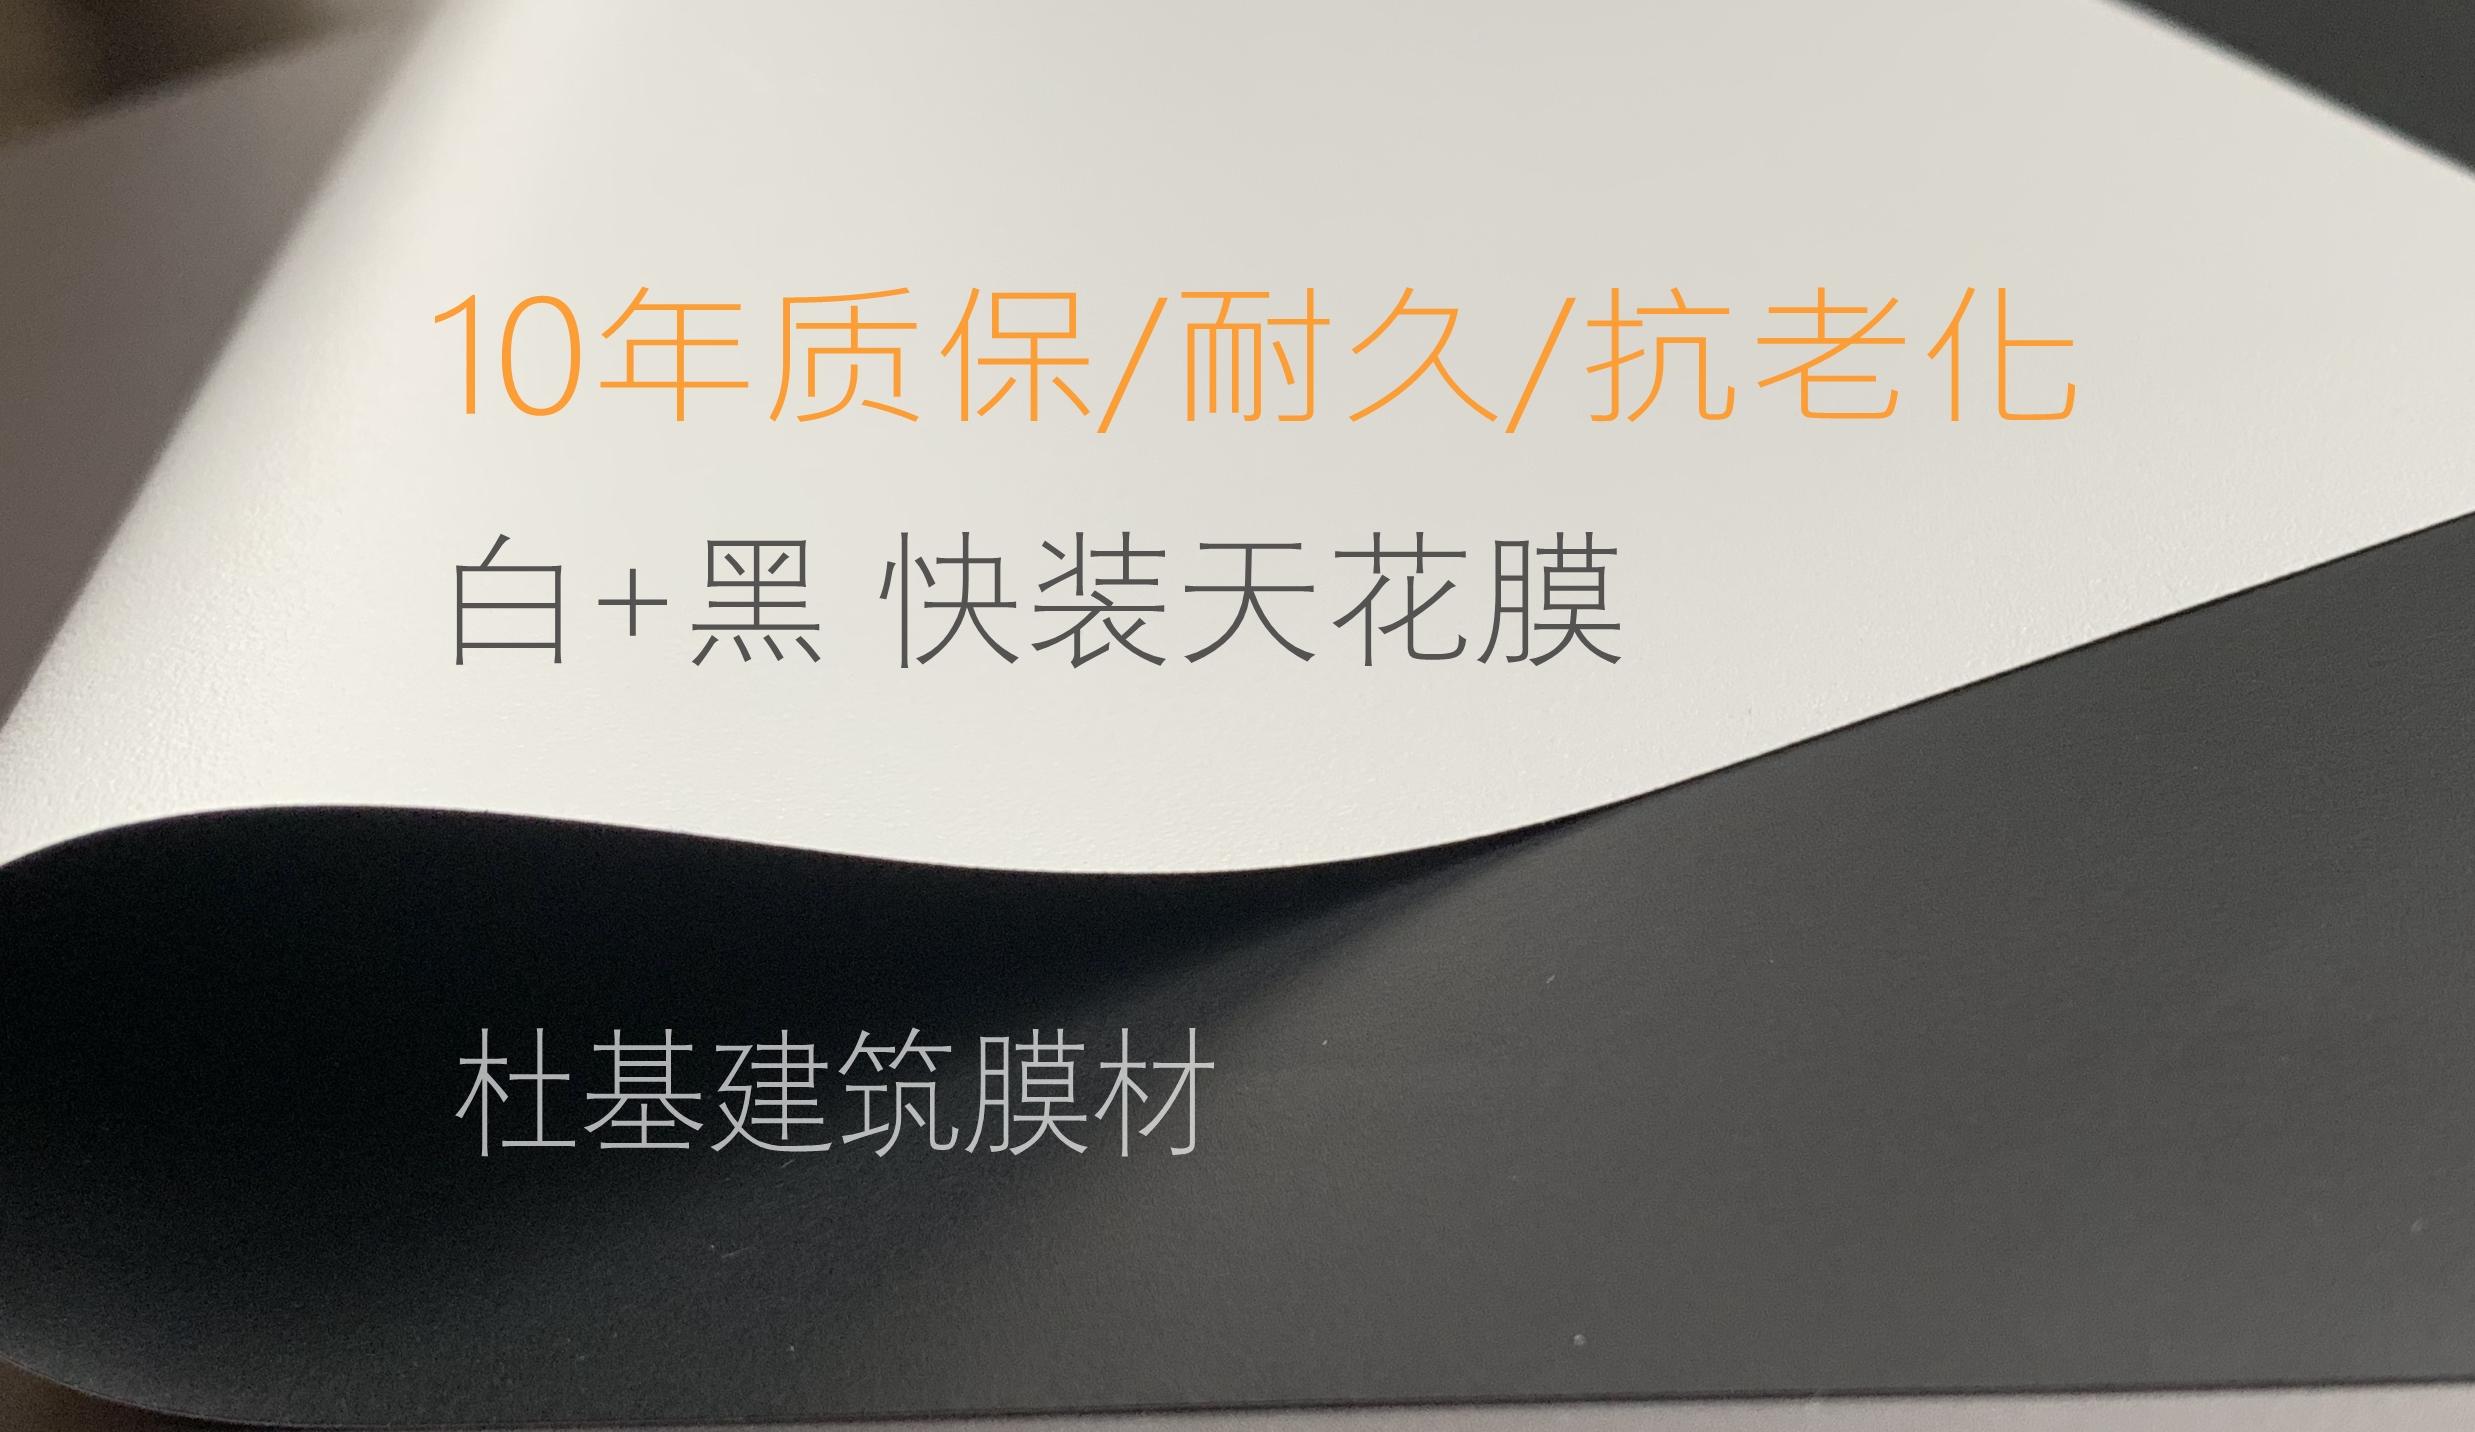 透光型膜材供应价格、价钱、报价【杜基新材料科技(苏州有限公司】